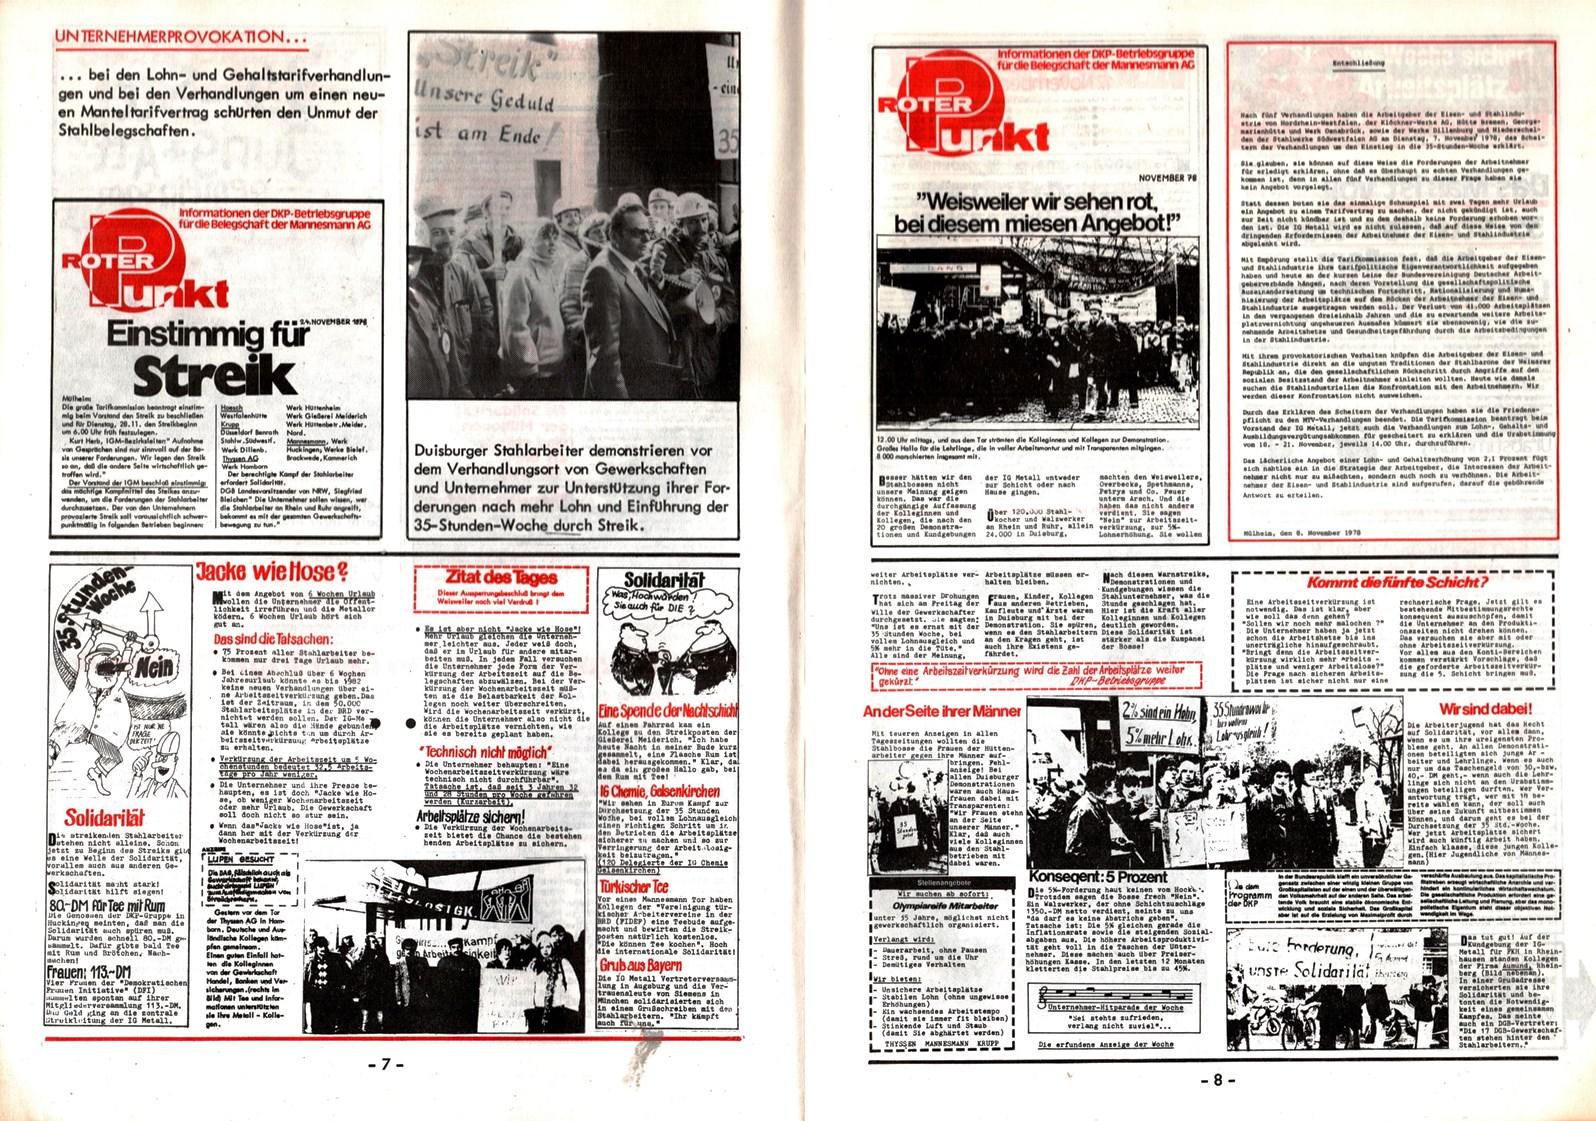 NRW_DKP_Stahlarbeiterstreik_1978_1979_005